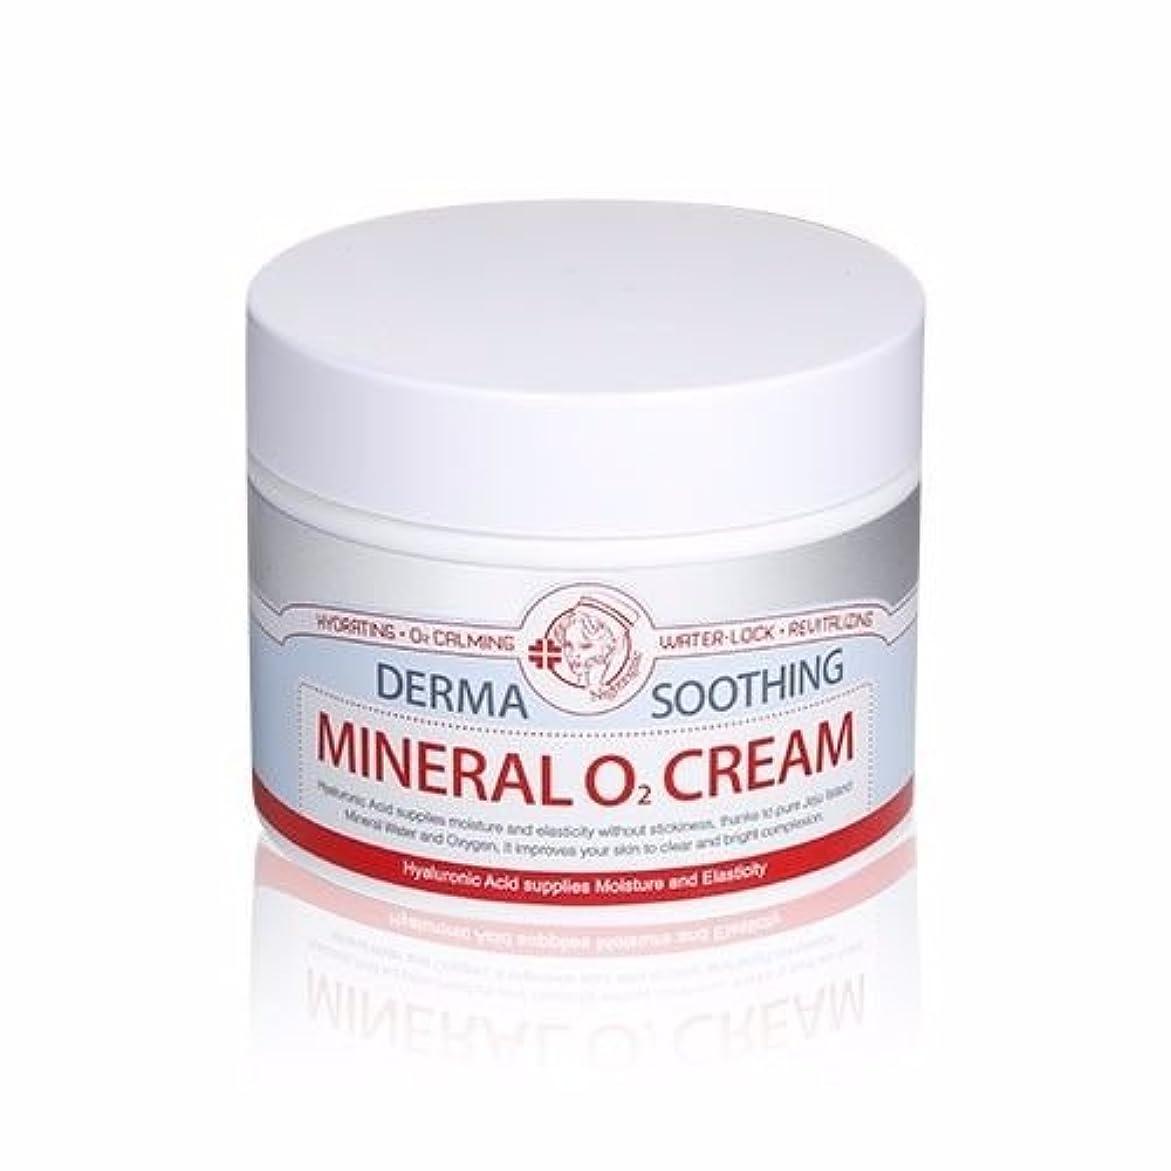 スポークスマン助言近所のNightingale Derma Soothing Mineral O? Cream 100ml/ナイチンゲール ダーマ スージング ミネラル オーツー クリーム 100ml [並行輸入品]